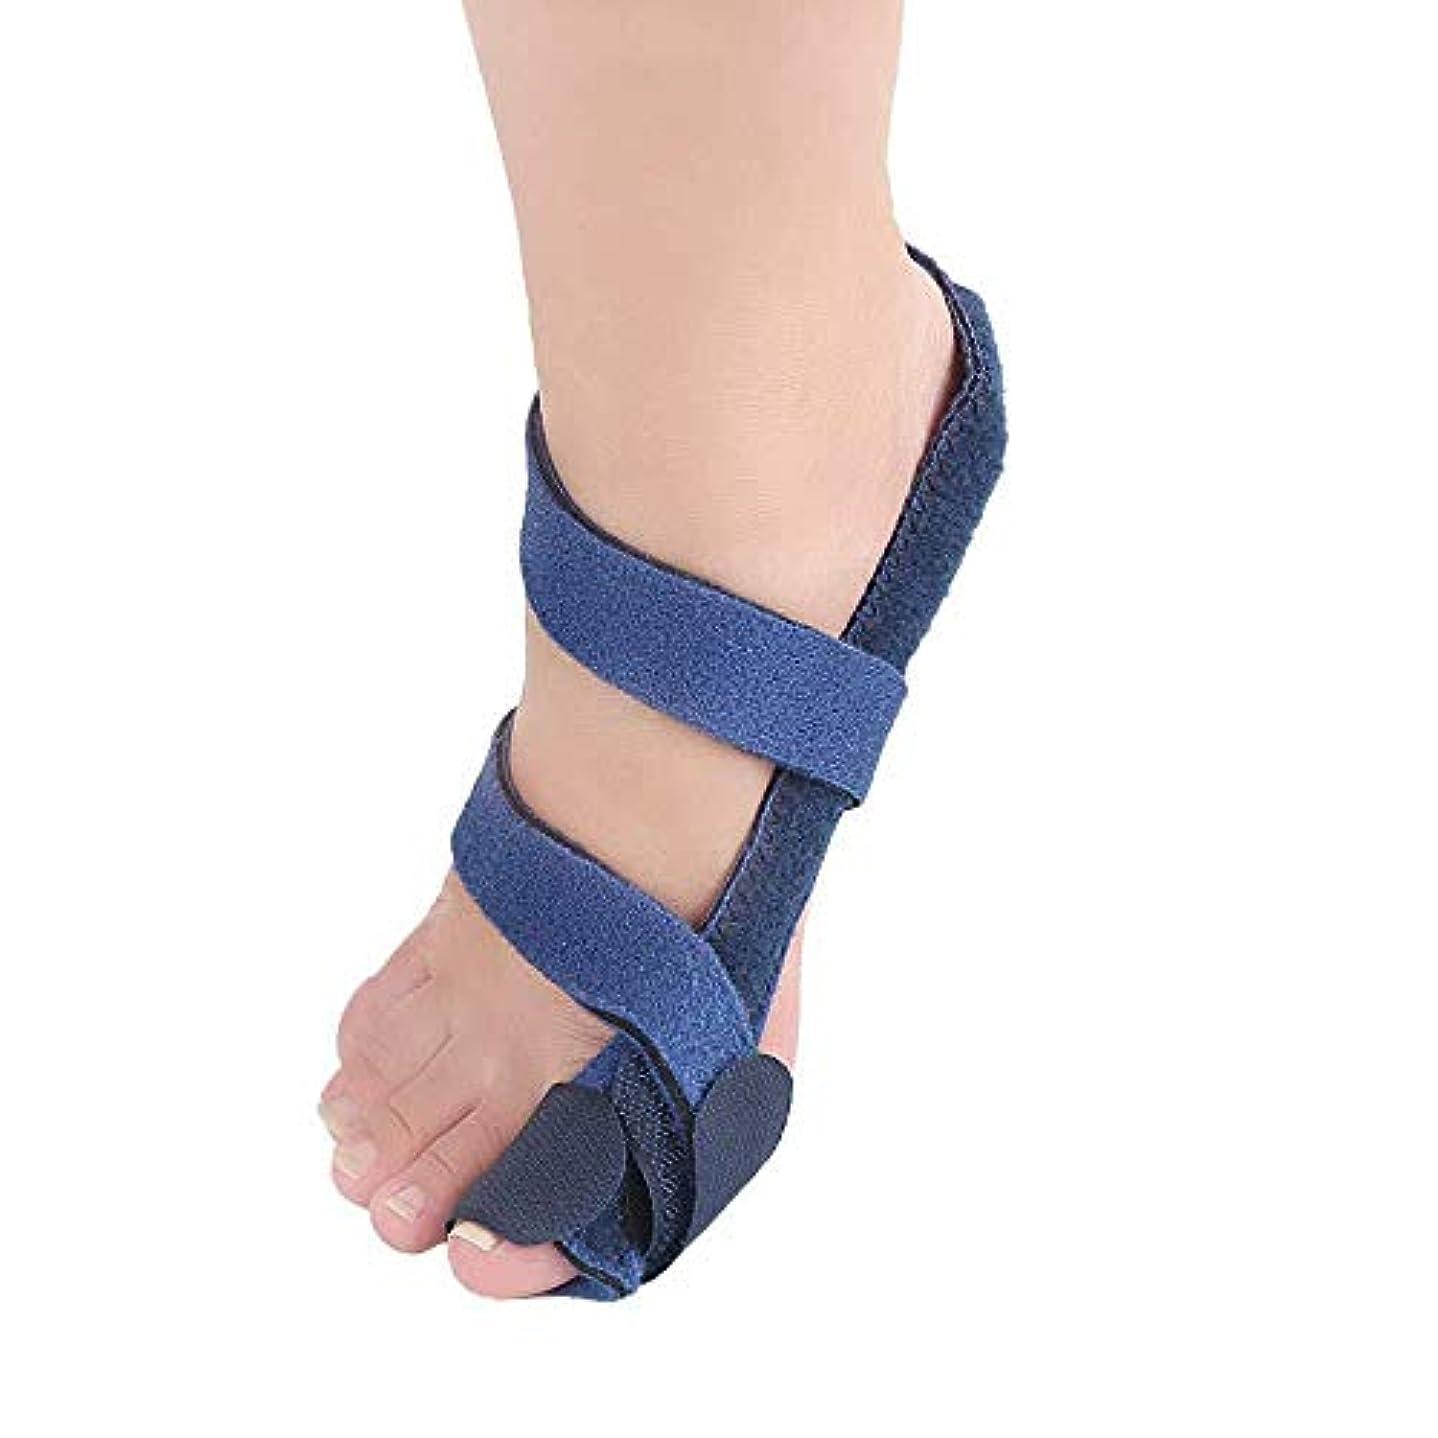 アラスカプランターどんよりした外反母Hall装具、オーバーラップハンマーヘッドサポート装具アーチサポートジェルフラット足の痛みの男性と女性,Left Foot